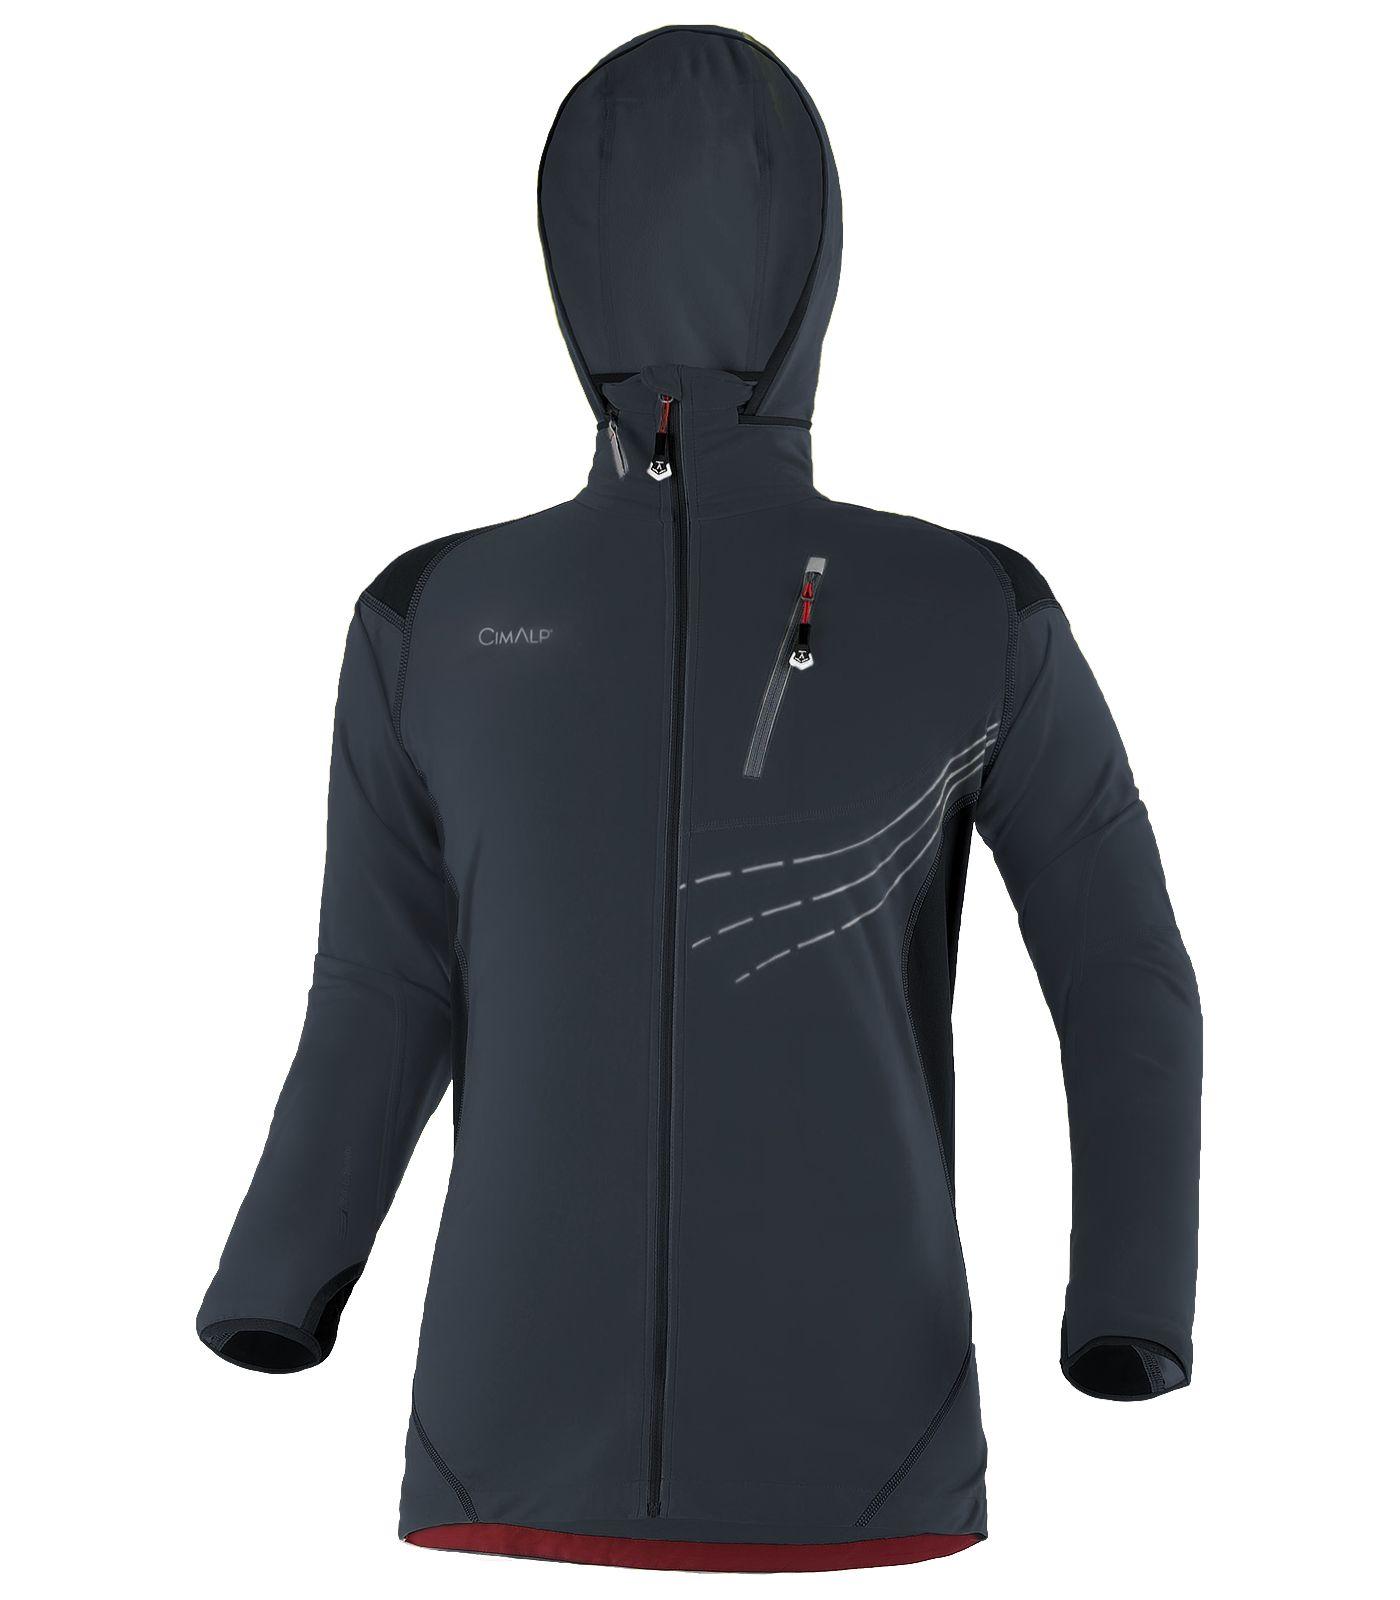 Veste de trail homme totalement stretch, chaude et isolante acc718276515